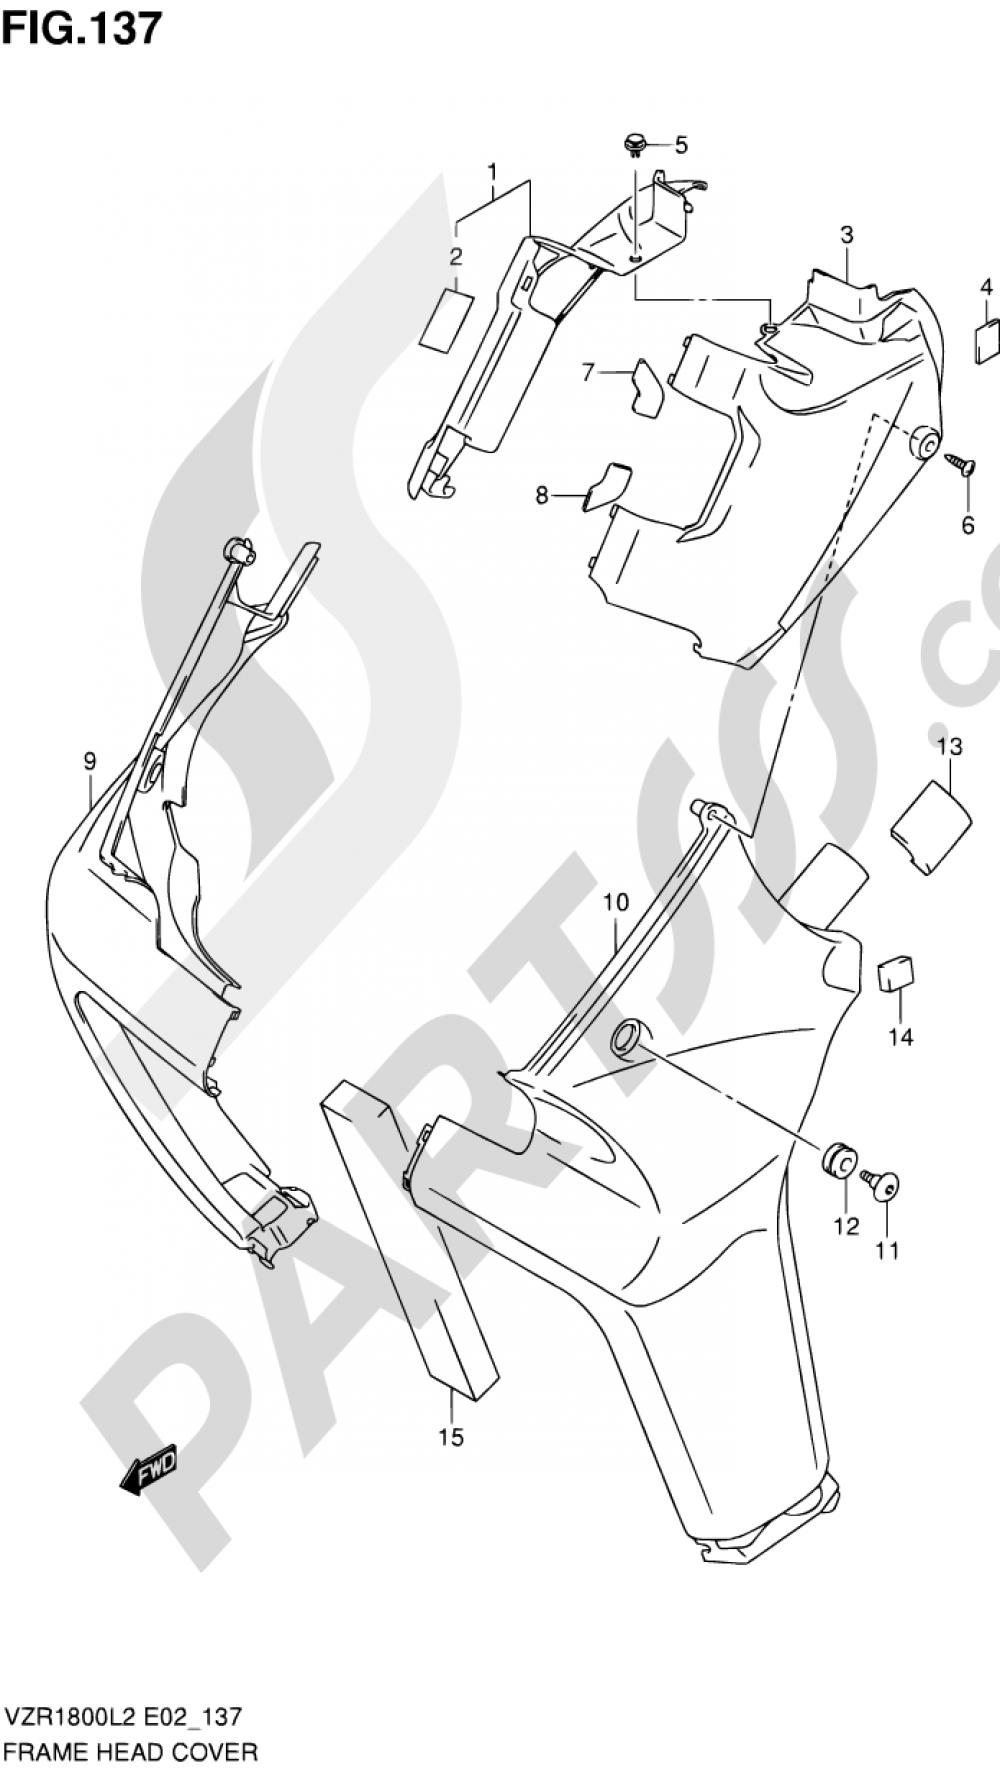 137 - FRAME HEAD COVER (VZR1800L2 E19) Suzuki VZR1800 2012